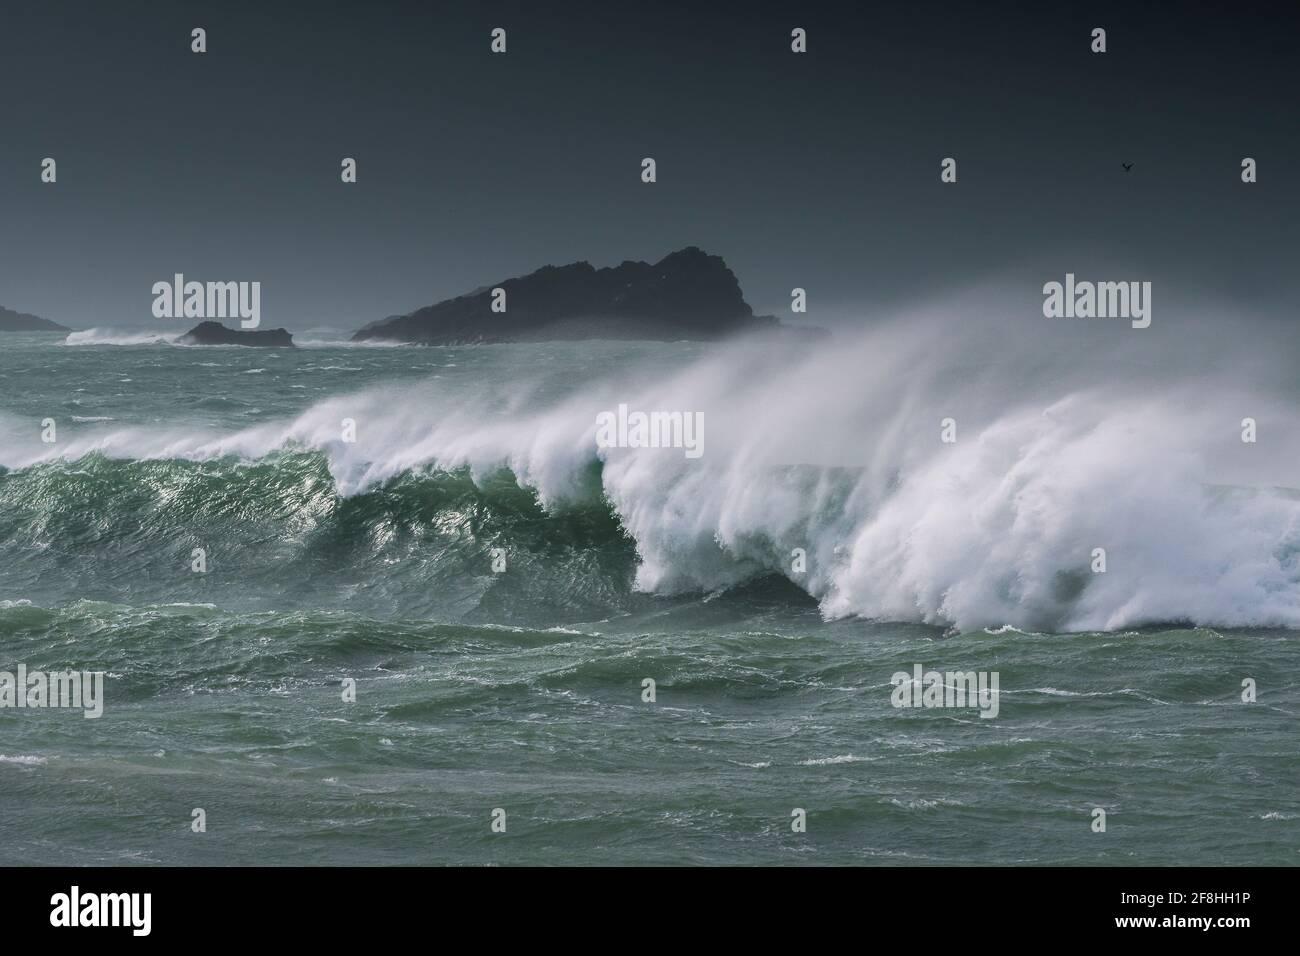 Une image panoramique des vagues sauvages qui se brisent et de la mer bâclée Autour de l'île Goose au large de la pointe de Pentire point East À Fistral Bay, à Newquay, à Cornw Banque D'Images